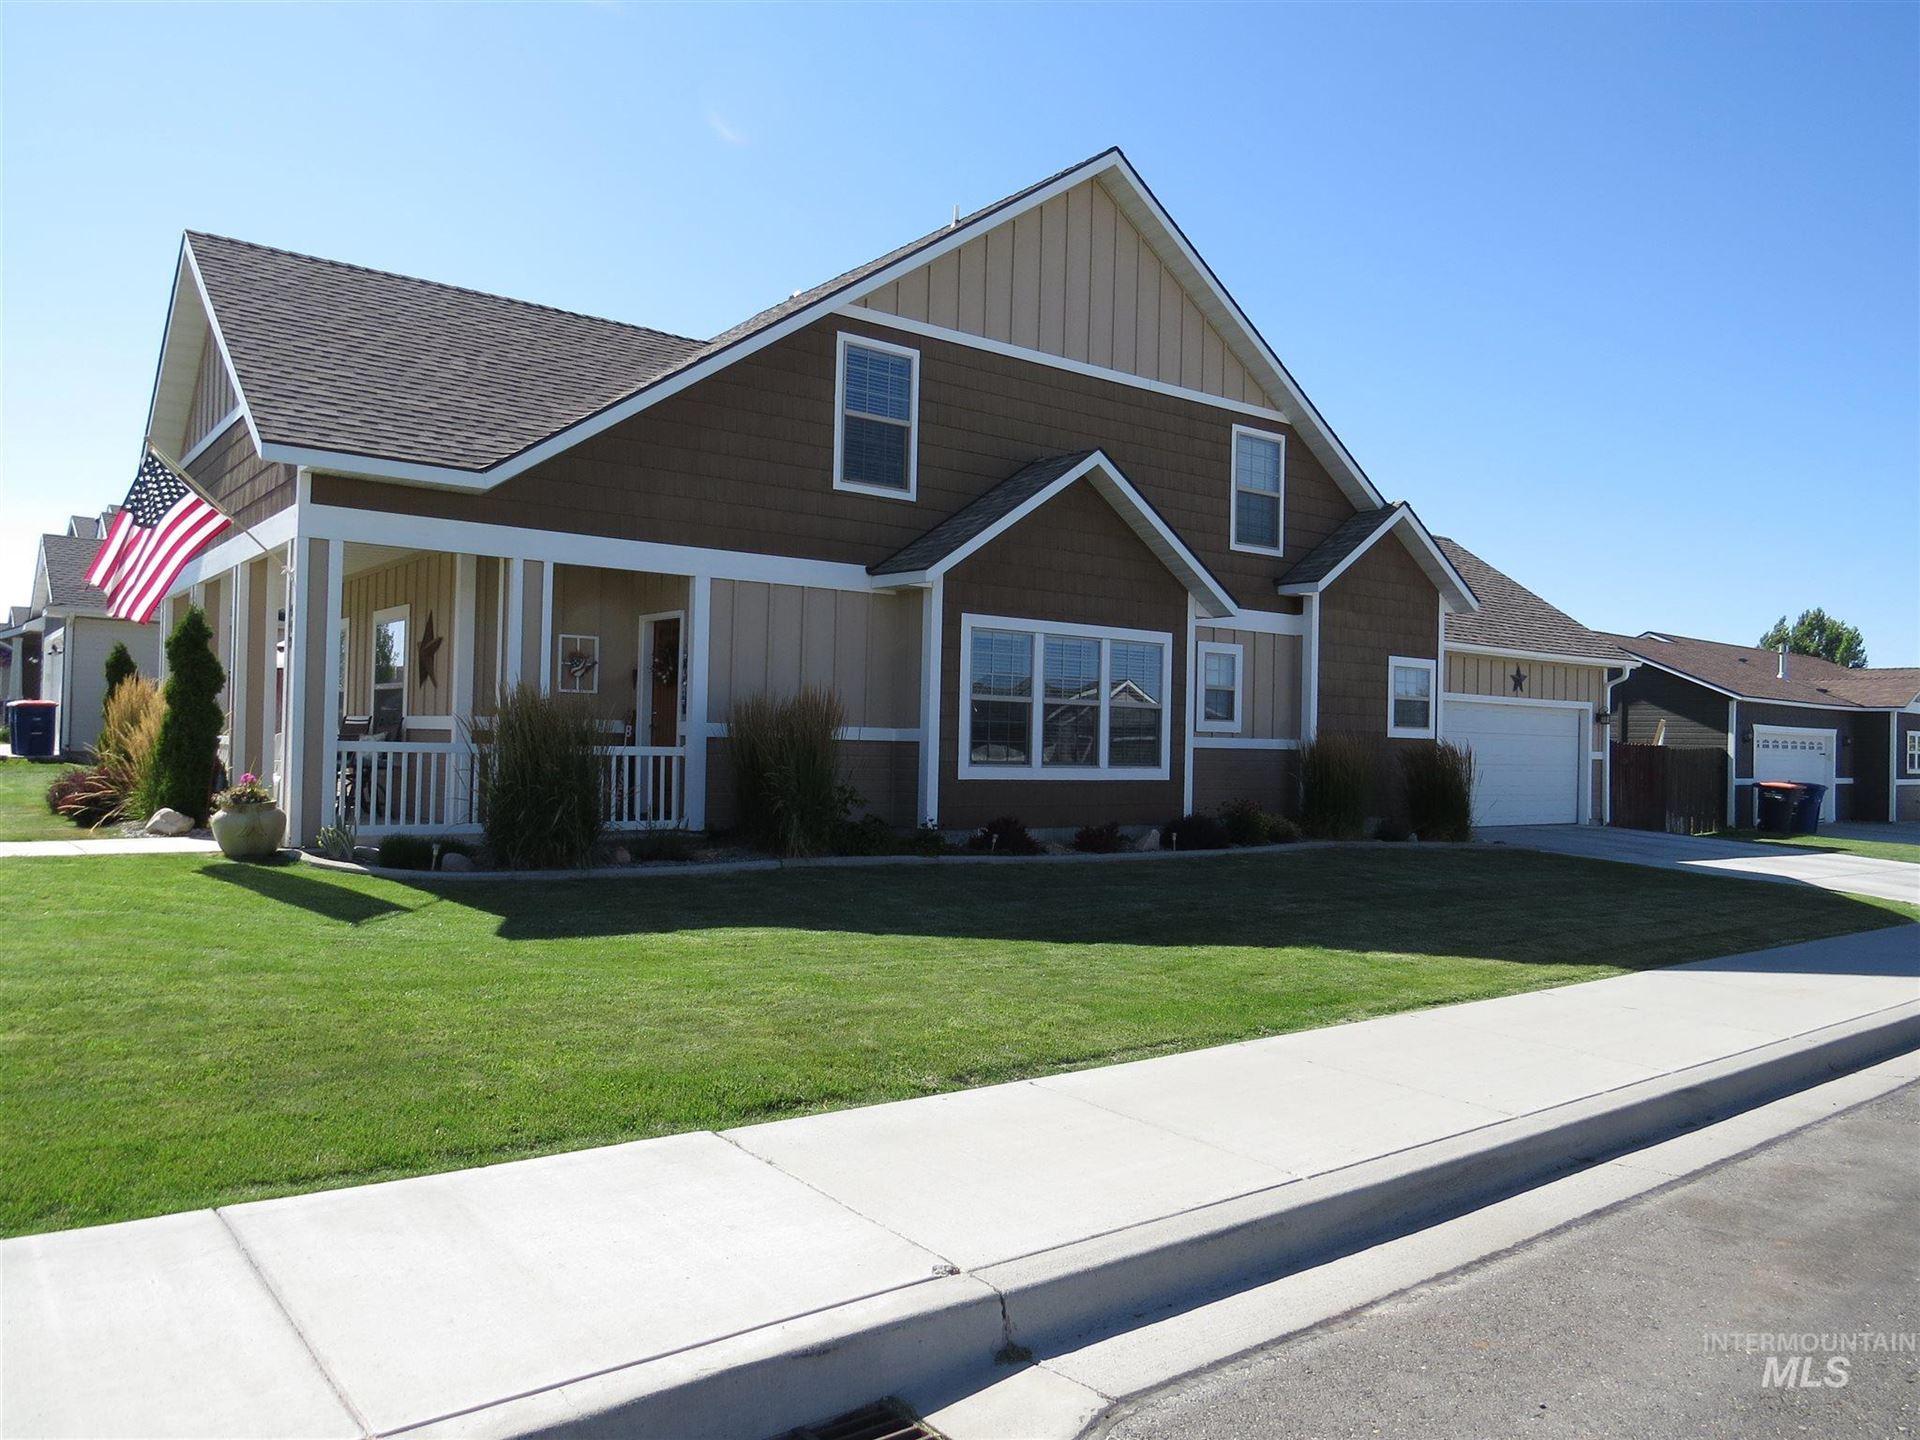 449 Arrow St, Twin Falls, ID 83301 - MLS#: 98756055